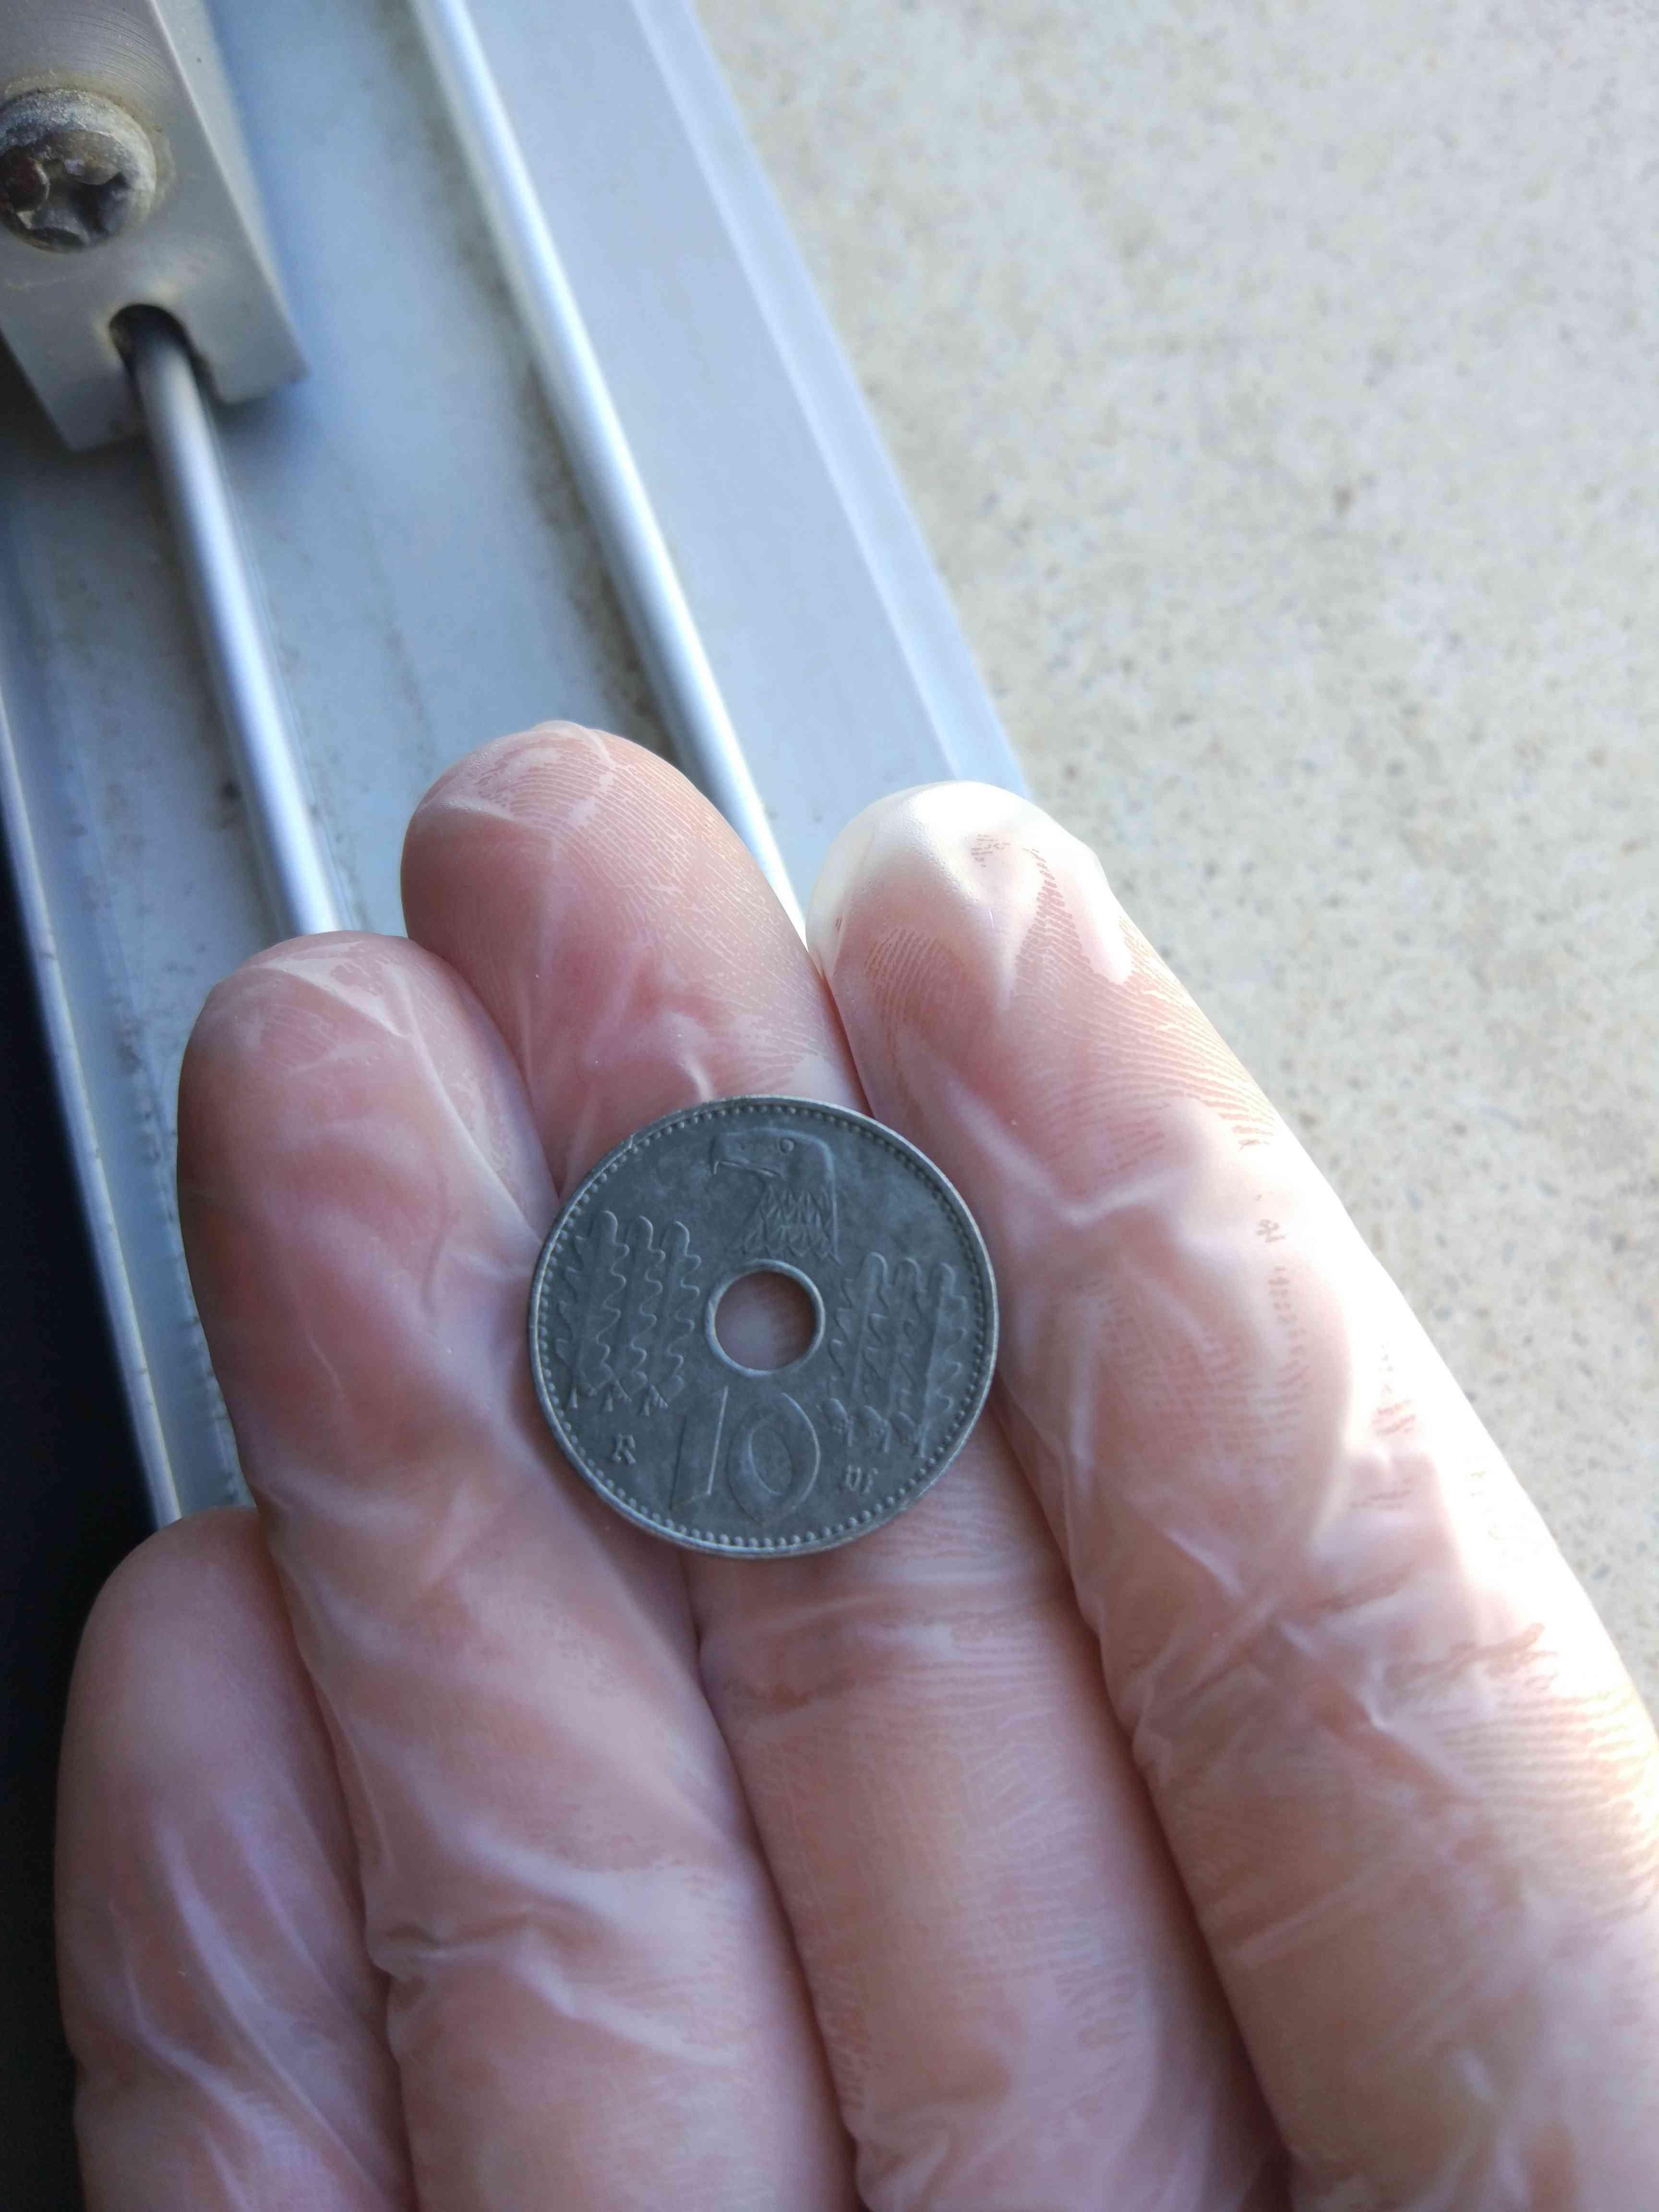 Opinad sobre la autenticidad de esta moneda del III Reich 110